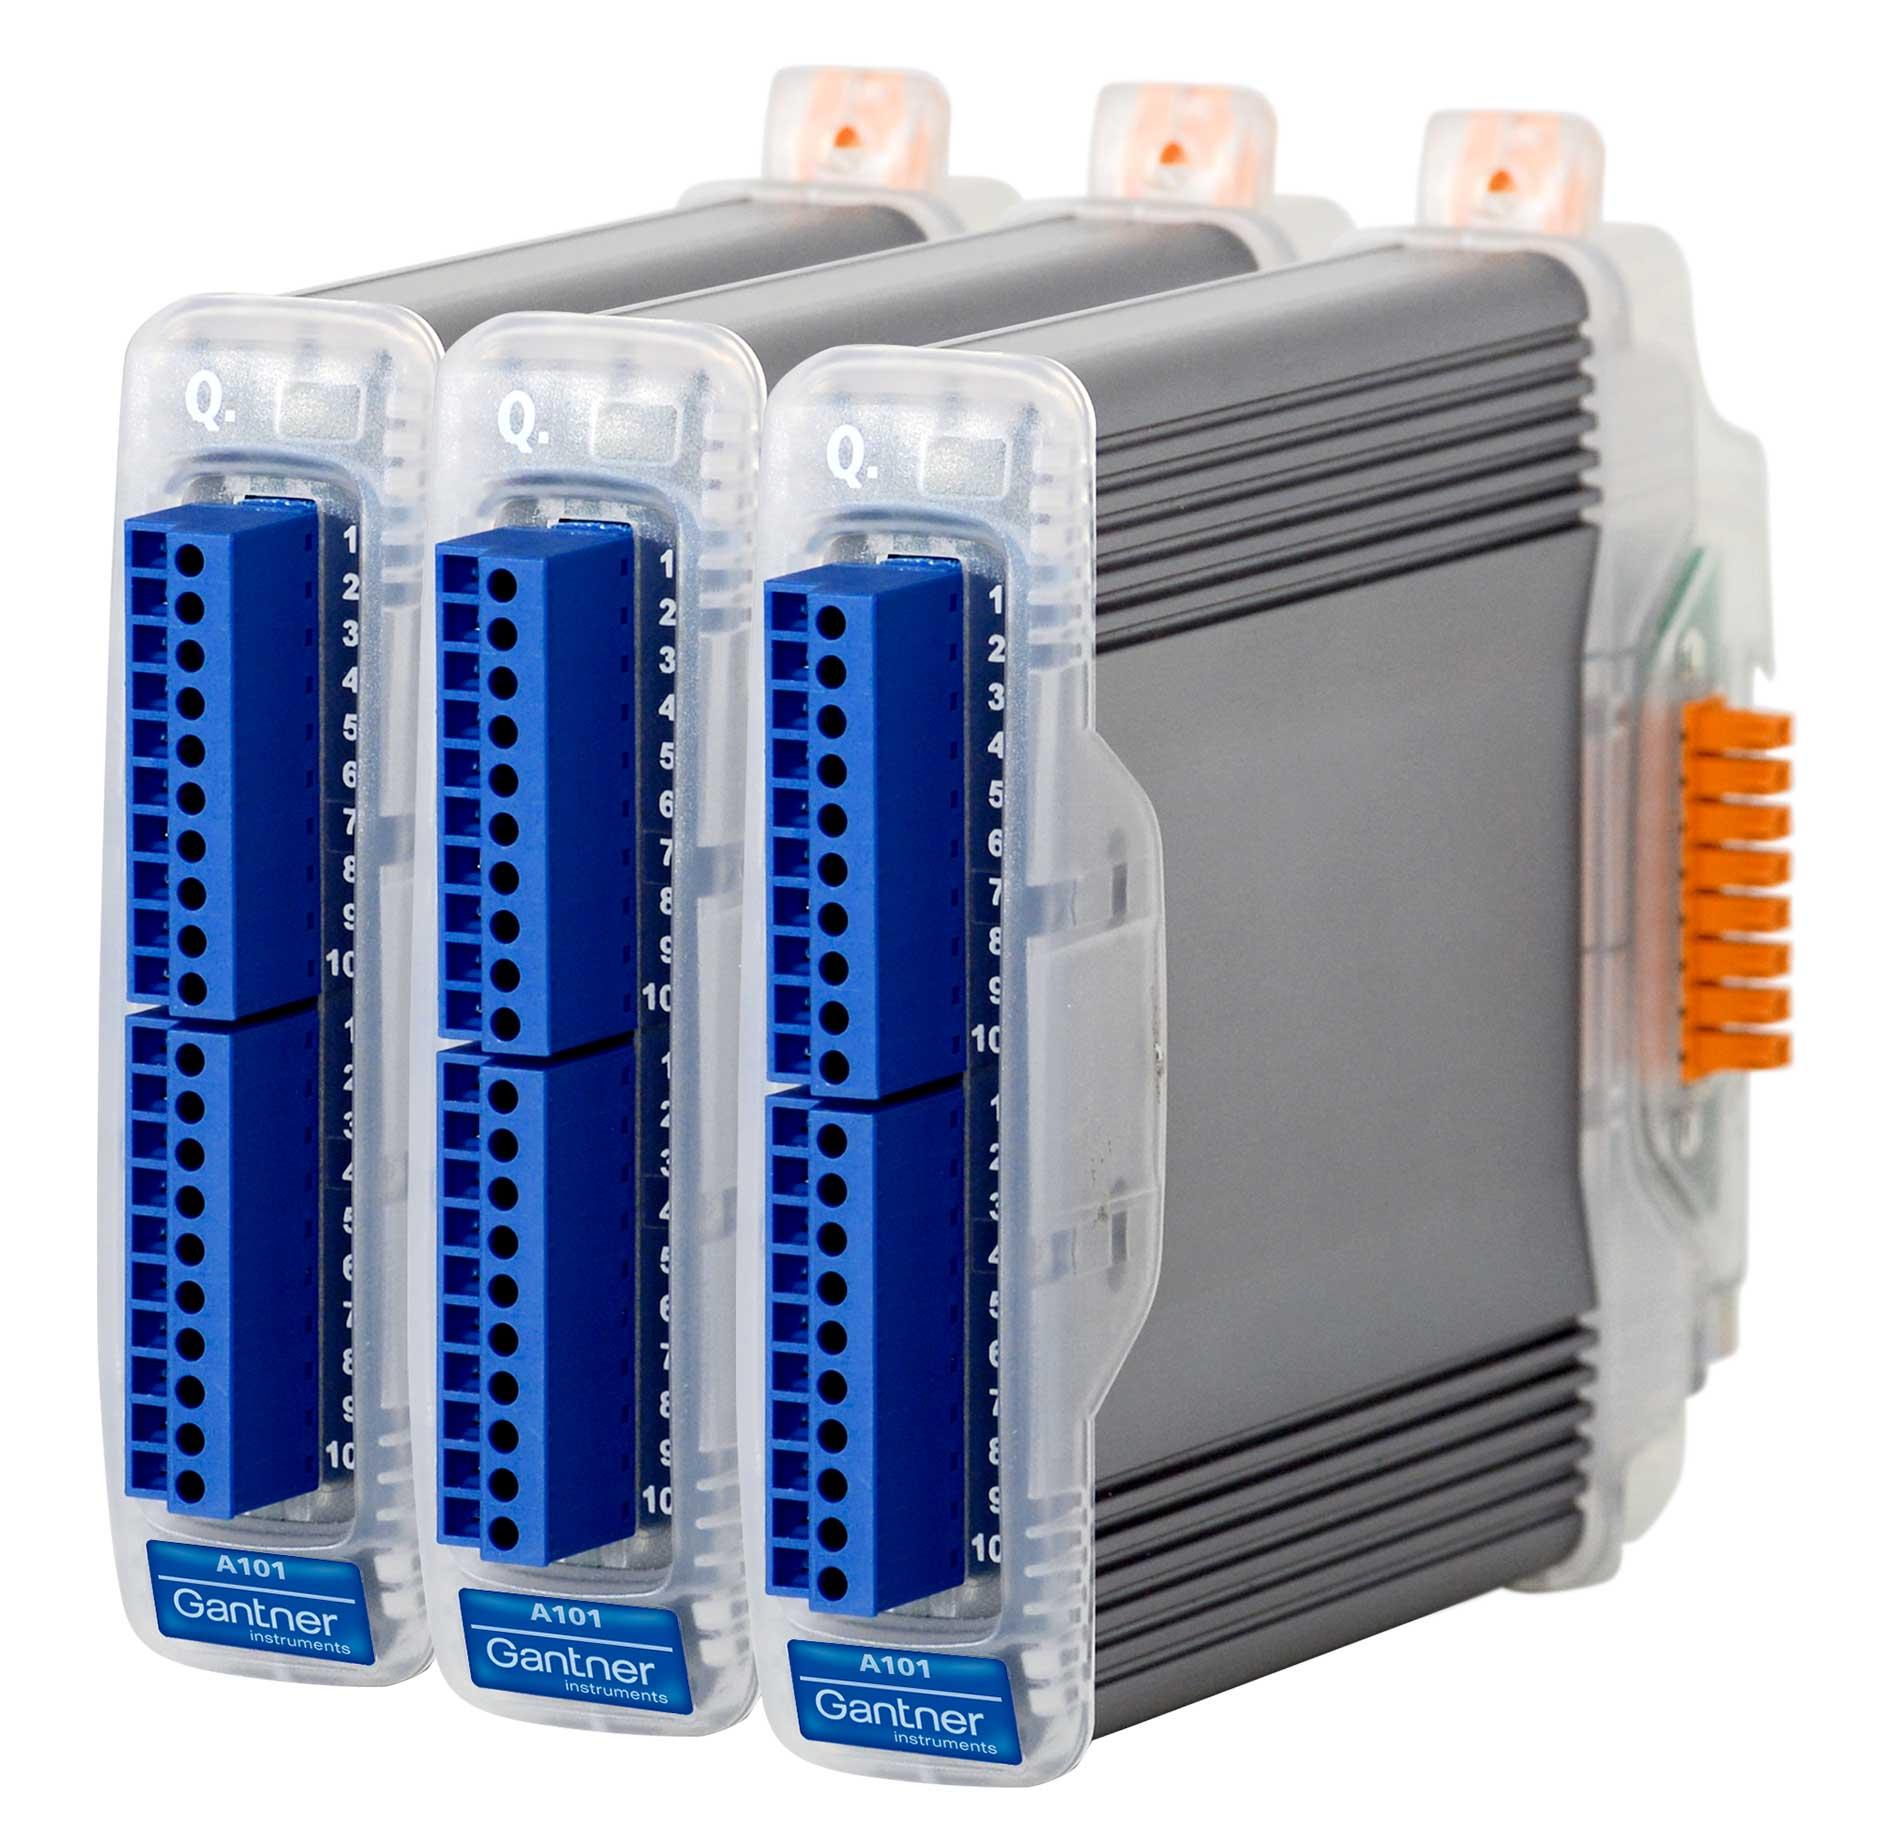 qbloxx A101-3 Module von Gantner Instruments: DIE NEUDENKER® Agentur, Darmstadt